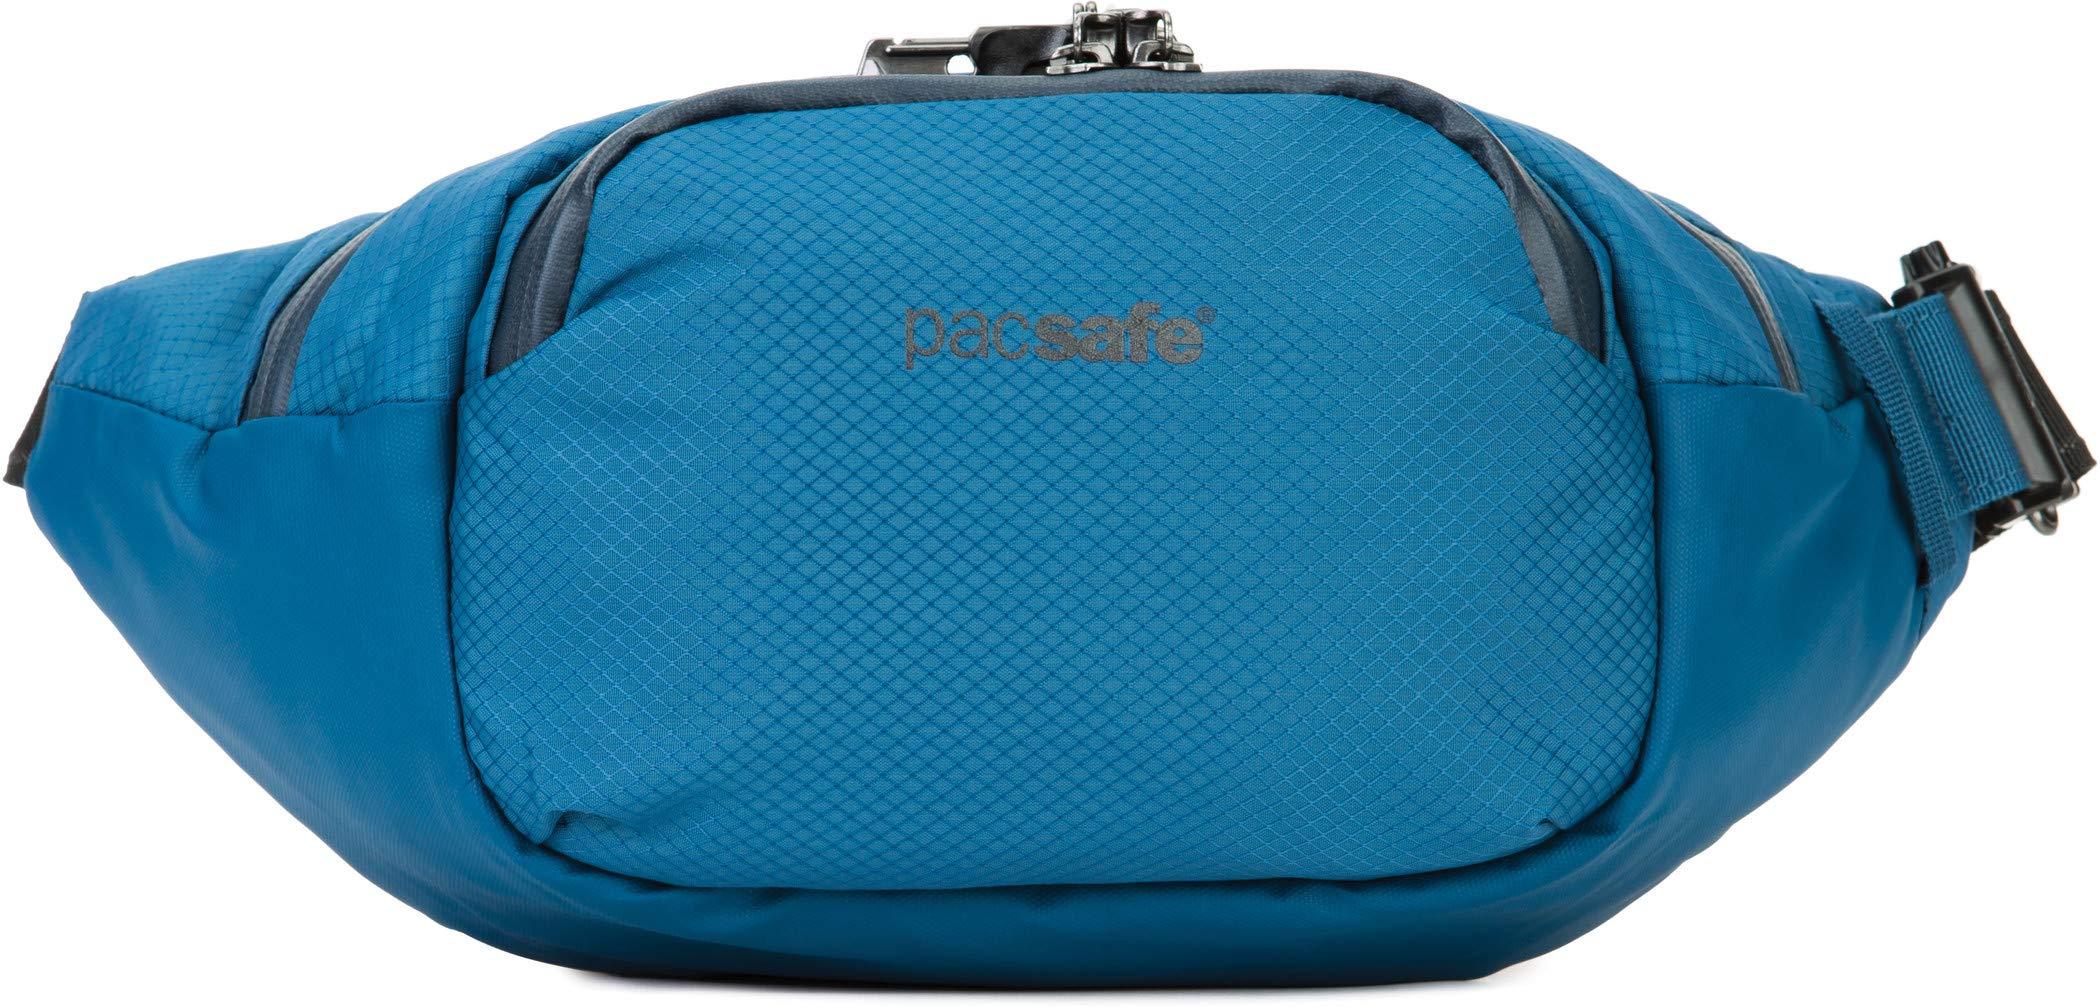 PacSafe Venturesafe X anti-theft waistpack Sport Waist Pack, 38 cm, 4 liters, Blue (Blue Steel 626) by Pacsafe